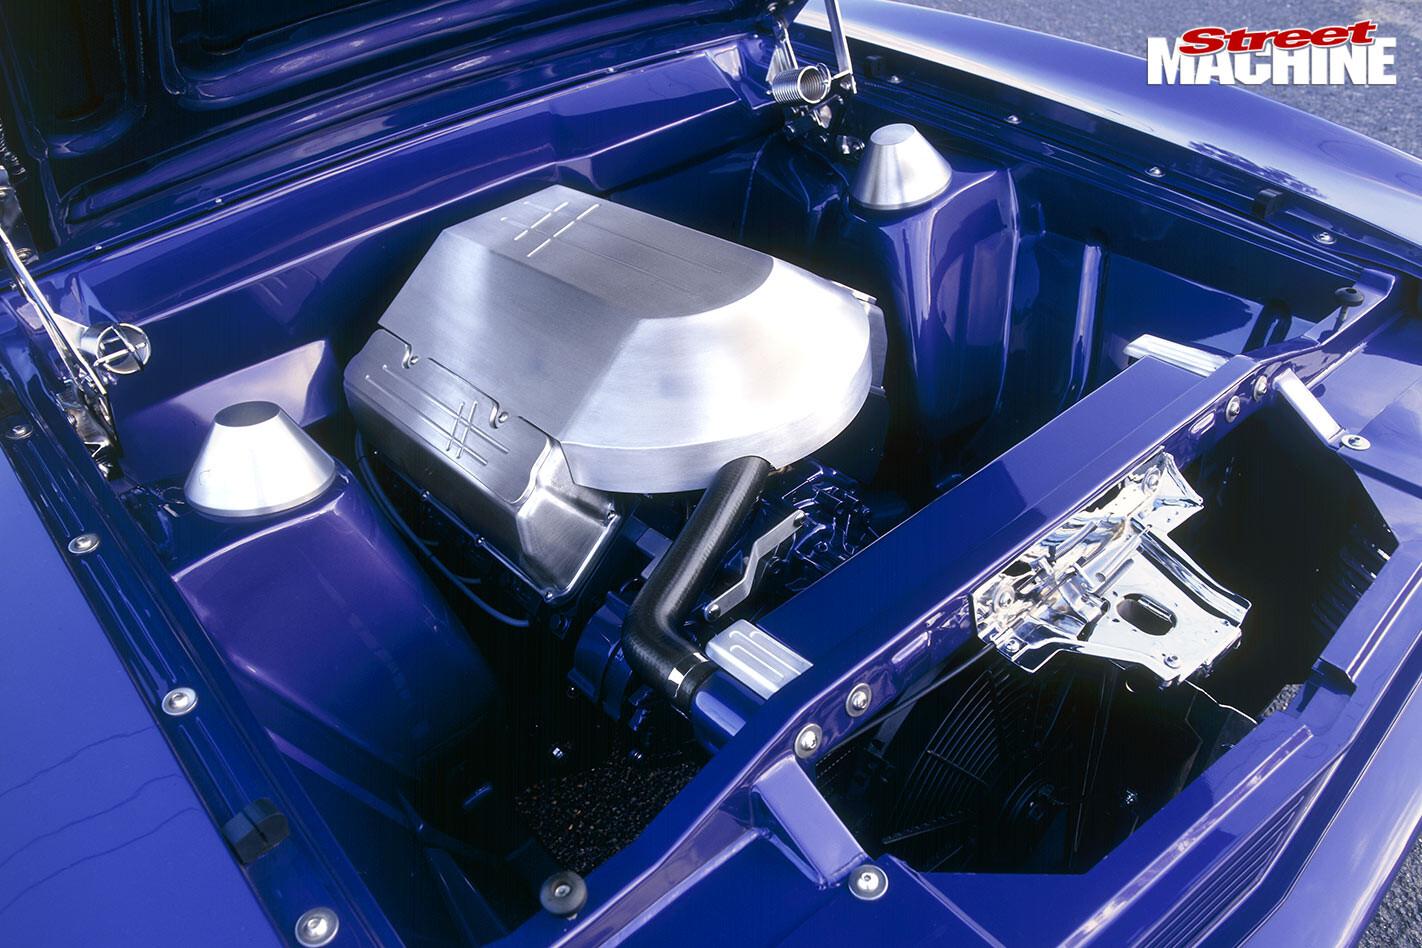 Ford Falcon XC engine bay